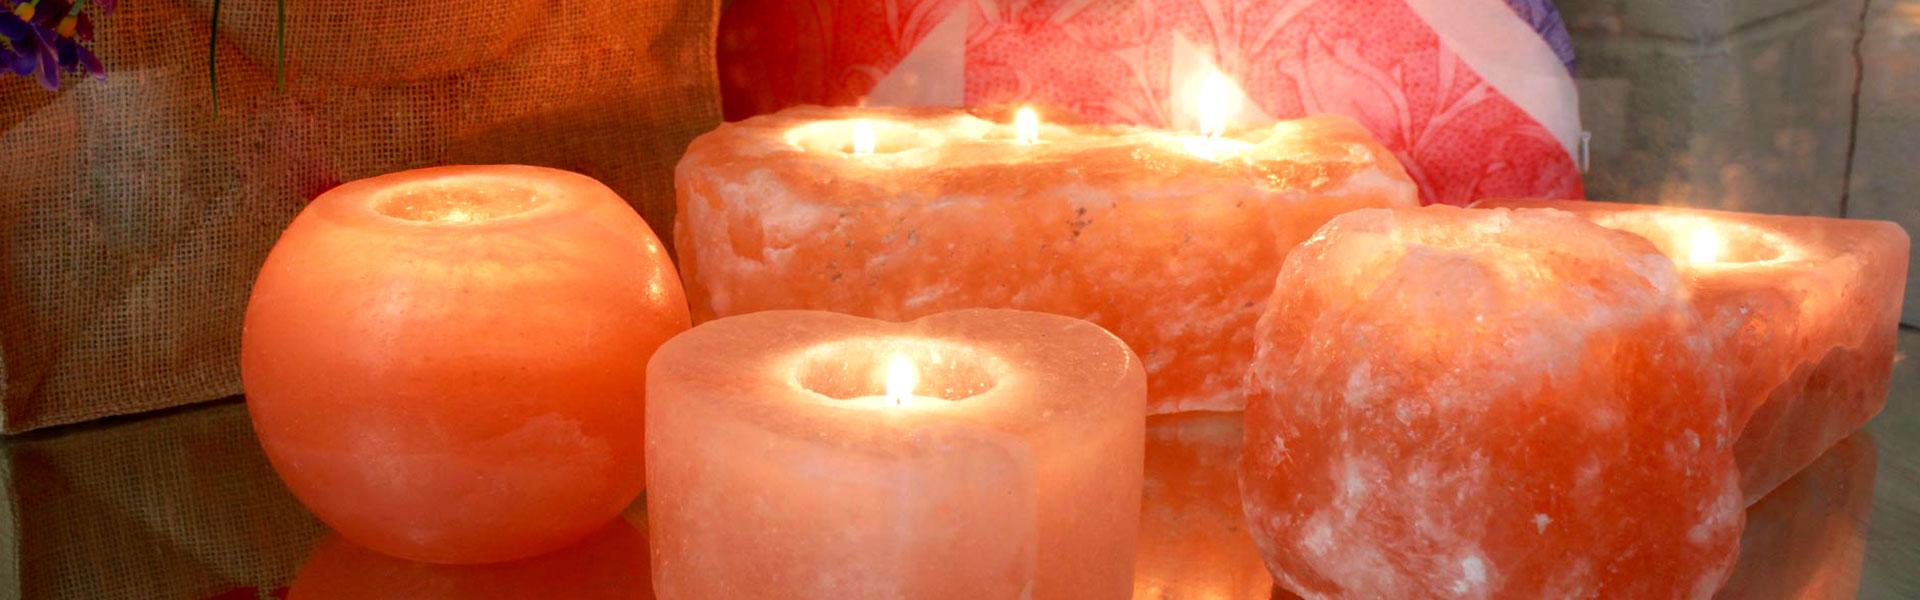 Himalayan Salt Lamps Manufacturer : Himalayan Rock Salt Exporters from Pakistan Prime Minerals Himalayan Rock Salt Lamps Suppliers